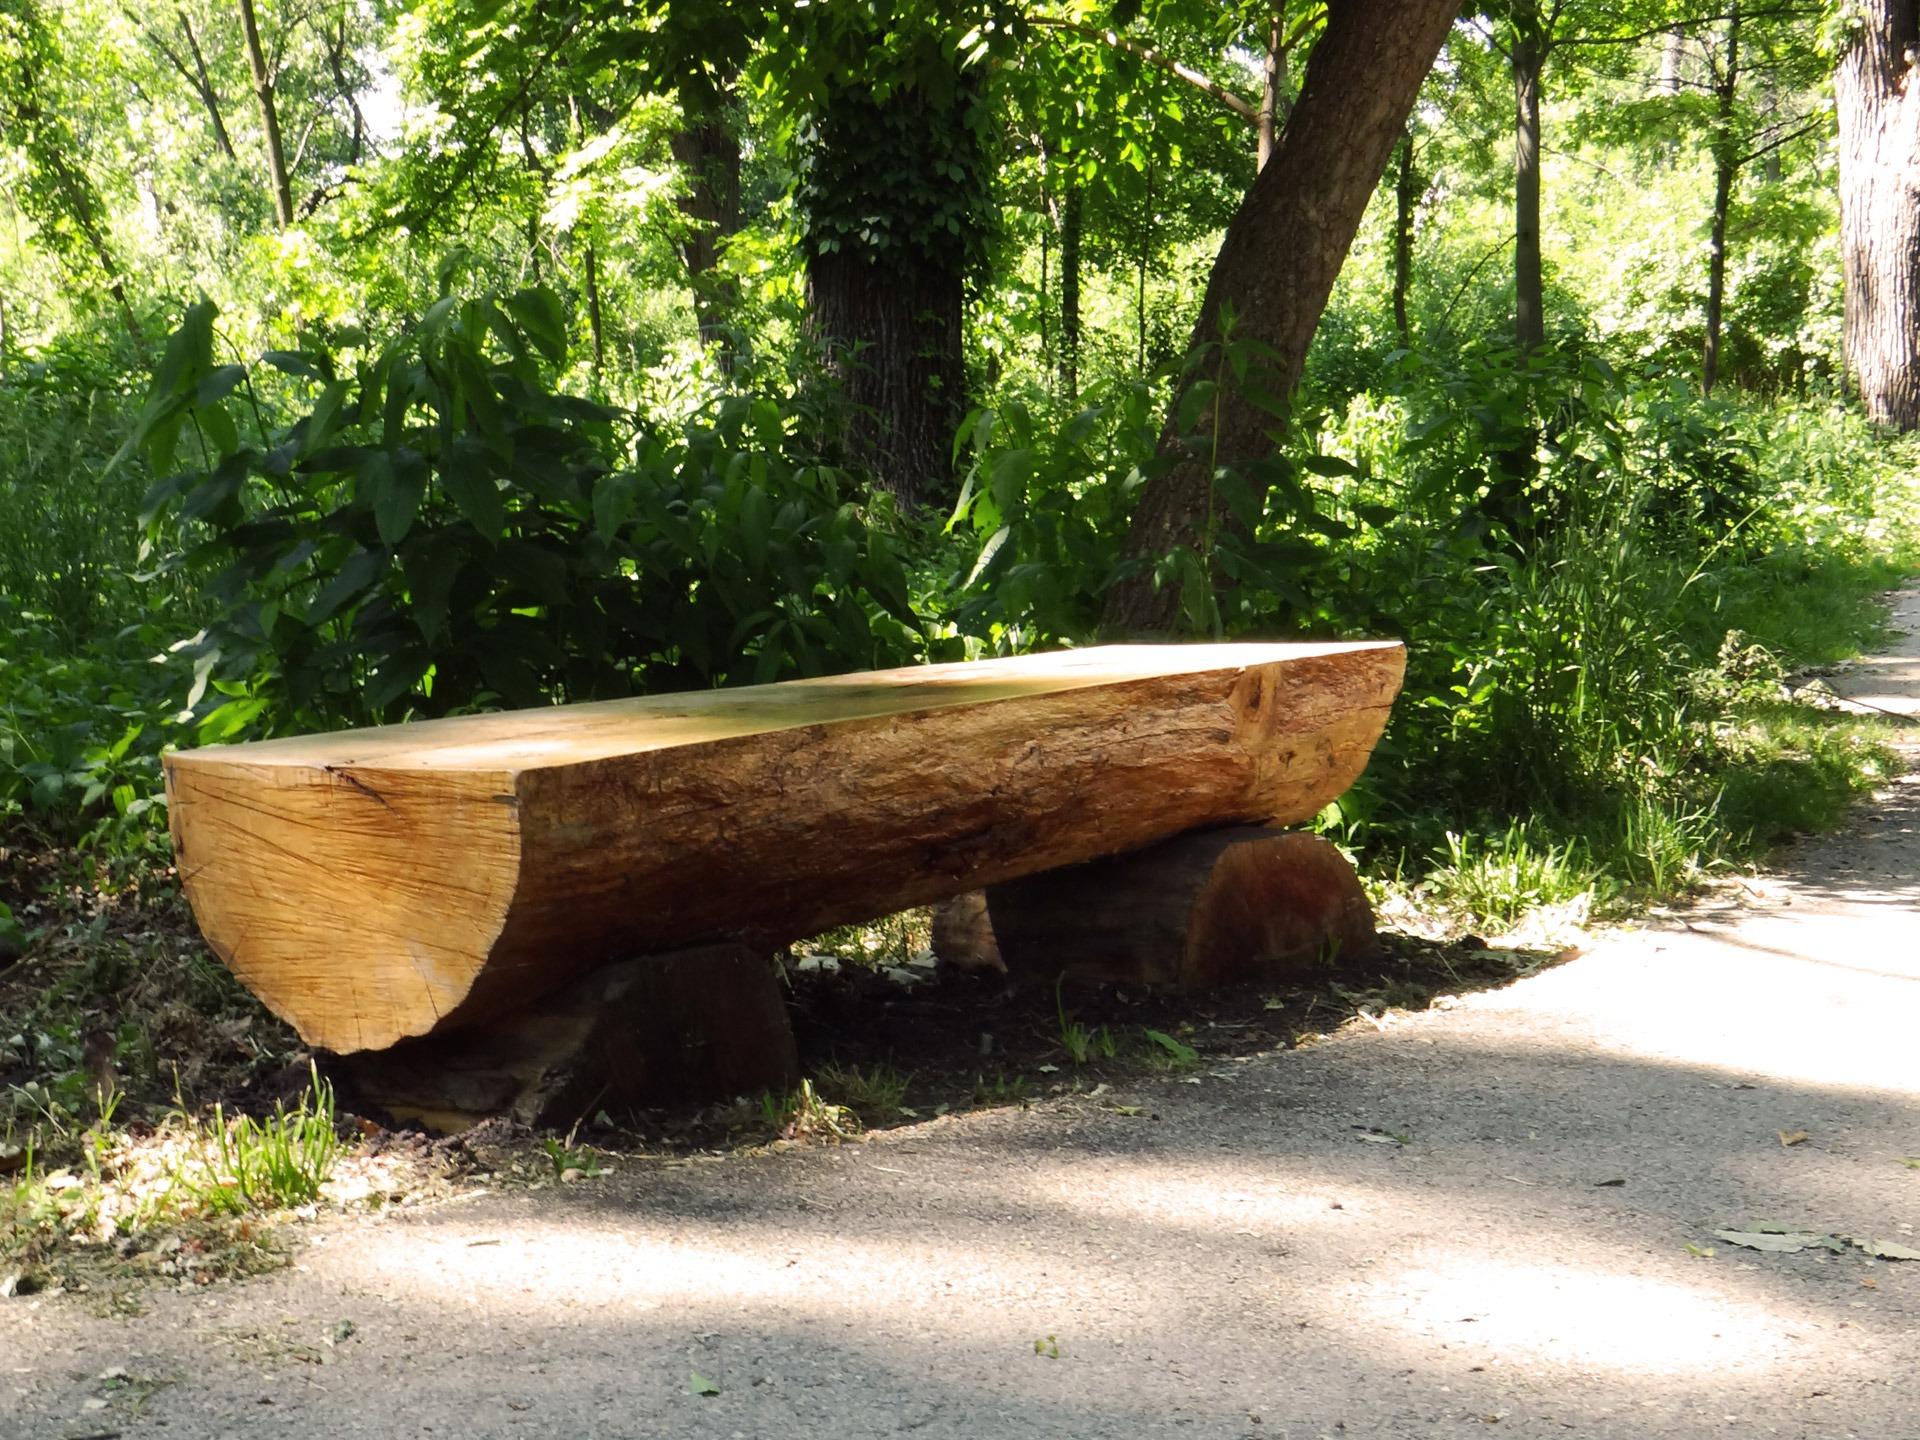 Images Gratuites  table, arbre, la nature, chemin, de plein air, Piste, bate